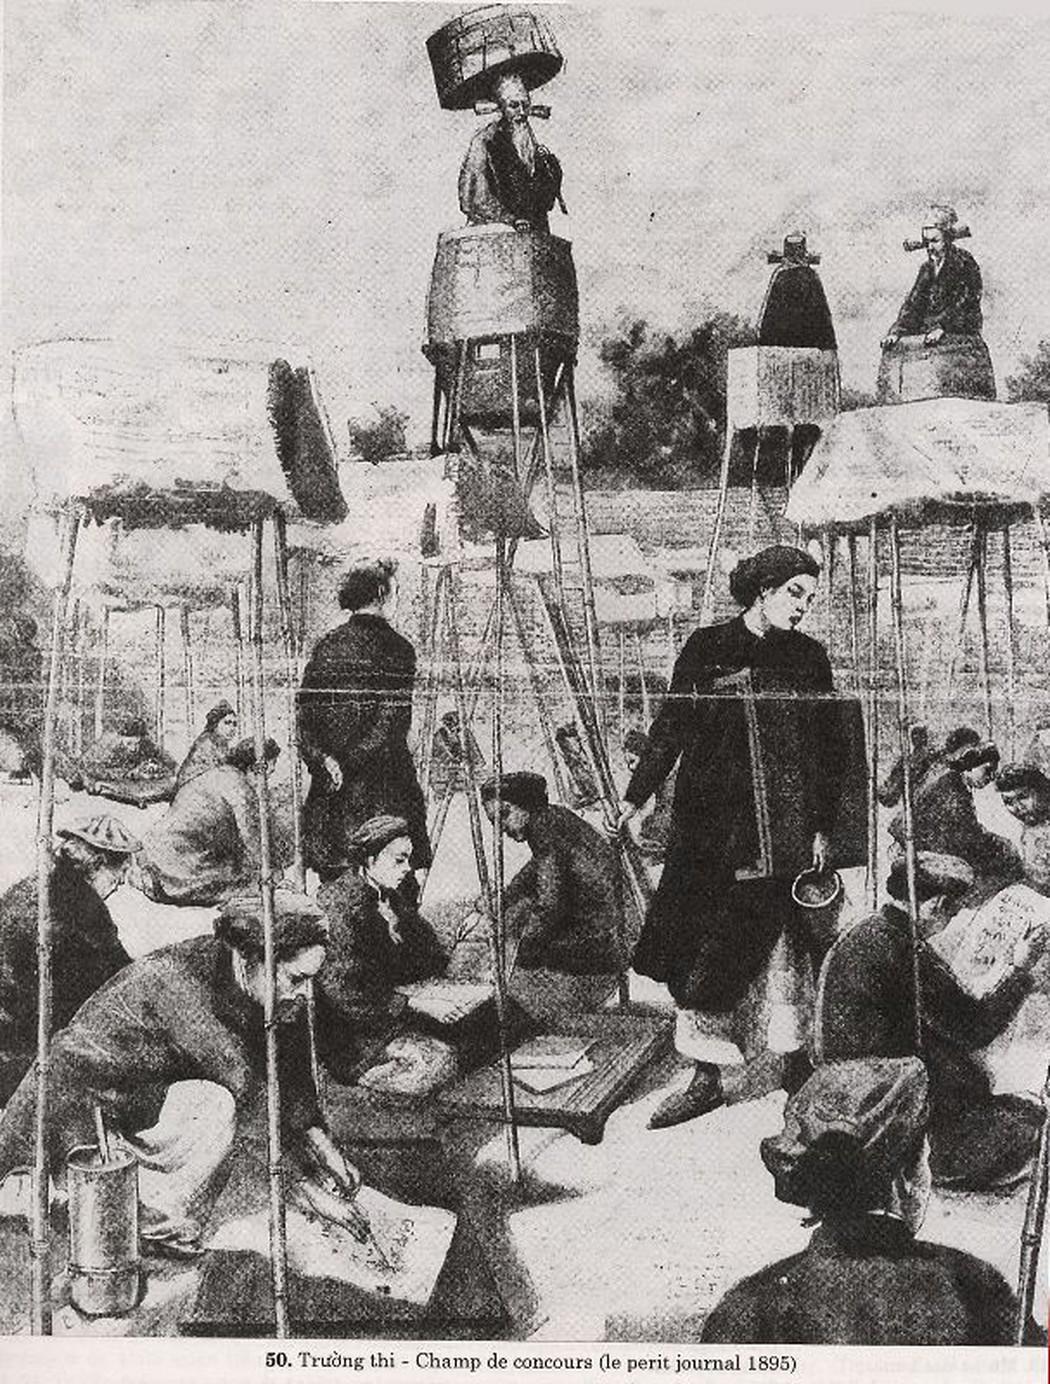 Hình vẽ trường thi năm 1895